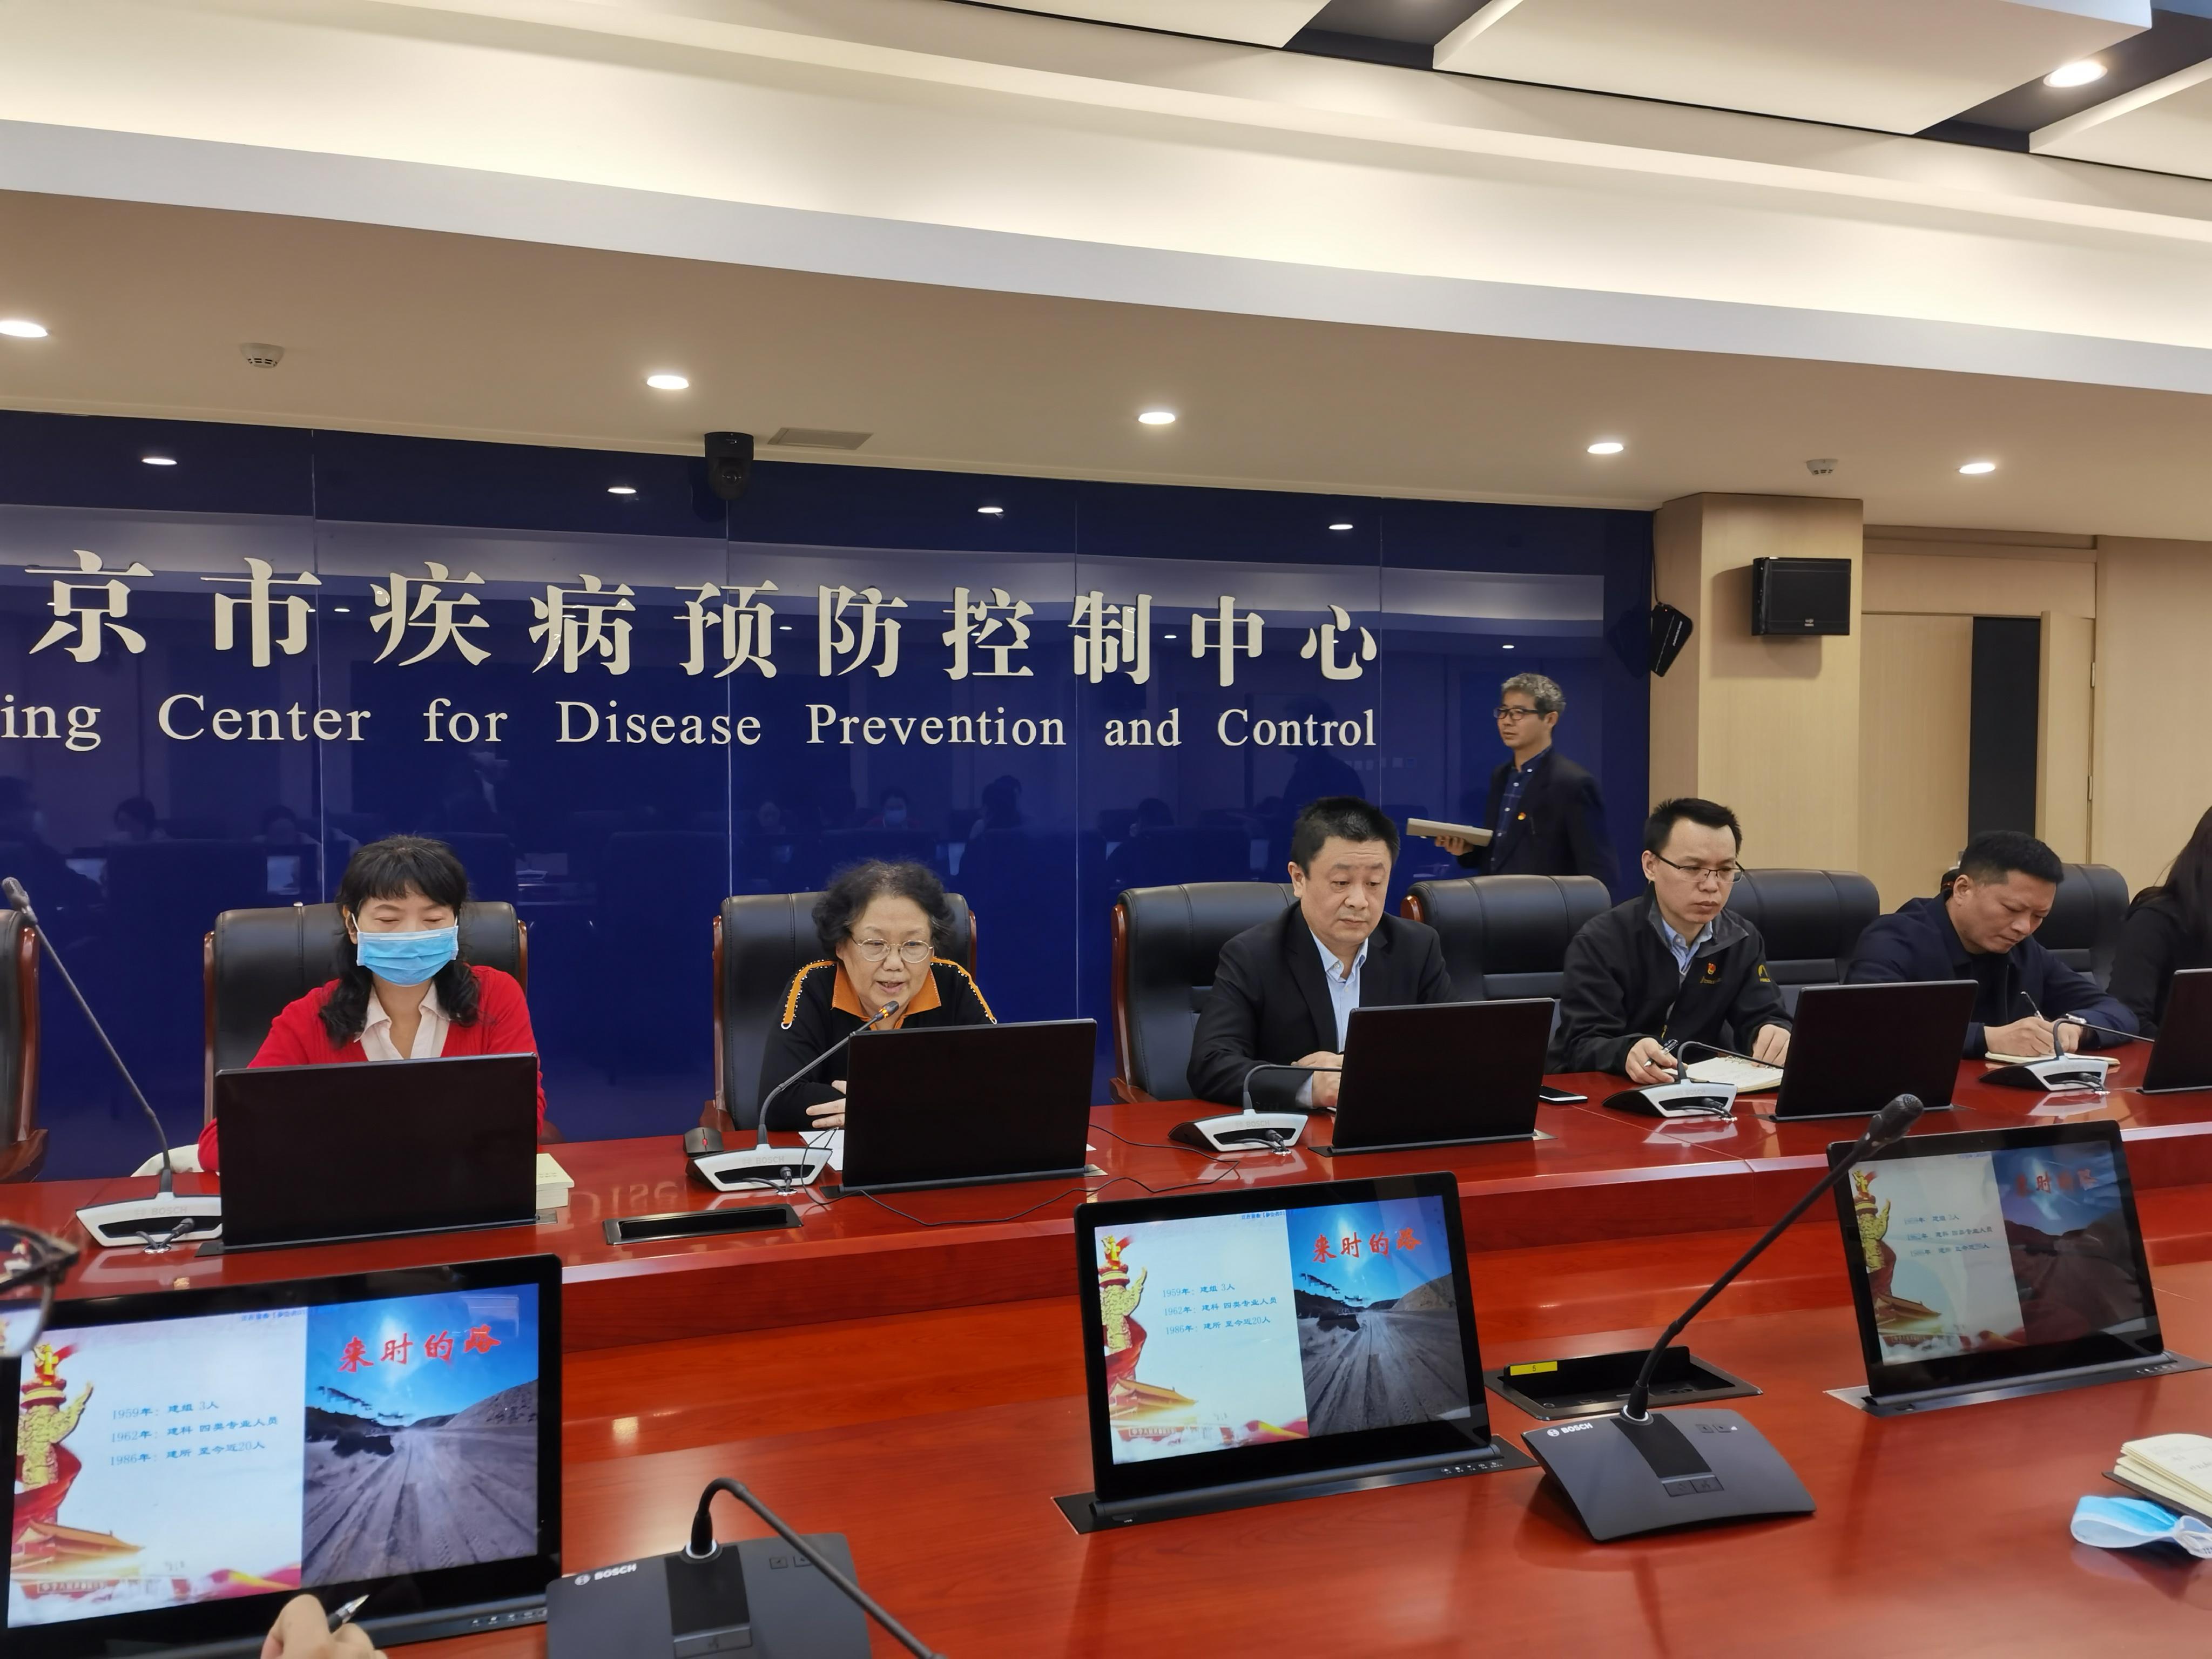 北京市疾控中心防护所党支部组织参加党委委员讲党课教育活动